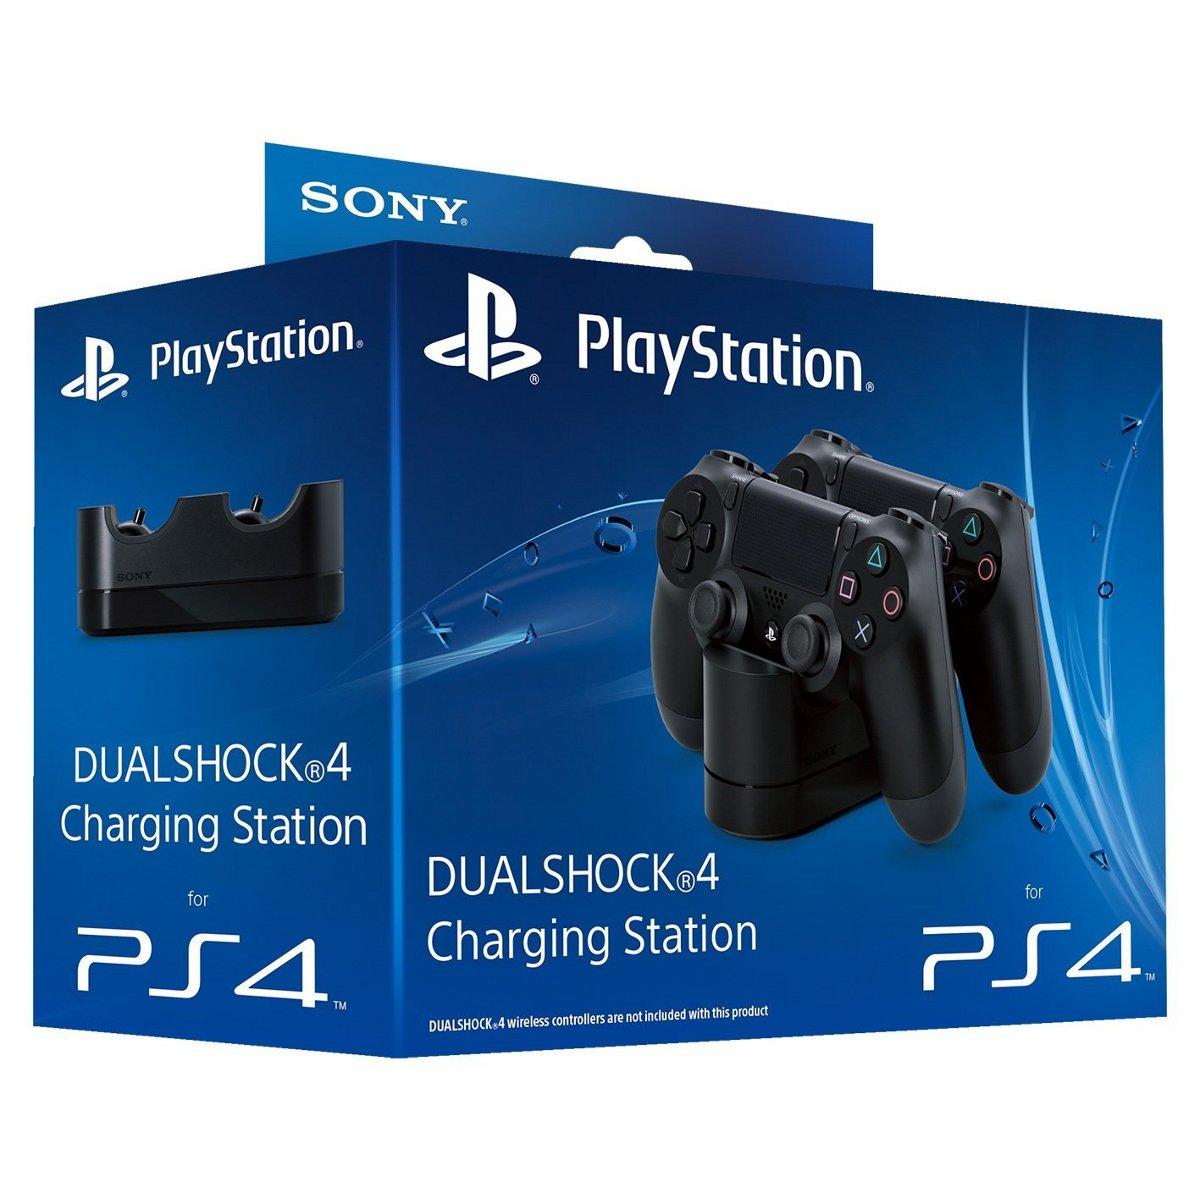 sony playstation dualshock 4 charging station. Black Bedroom Furniture Sets. Home Design Ideas